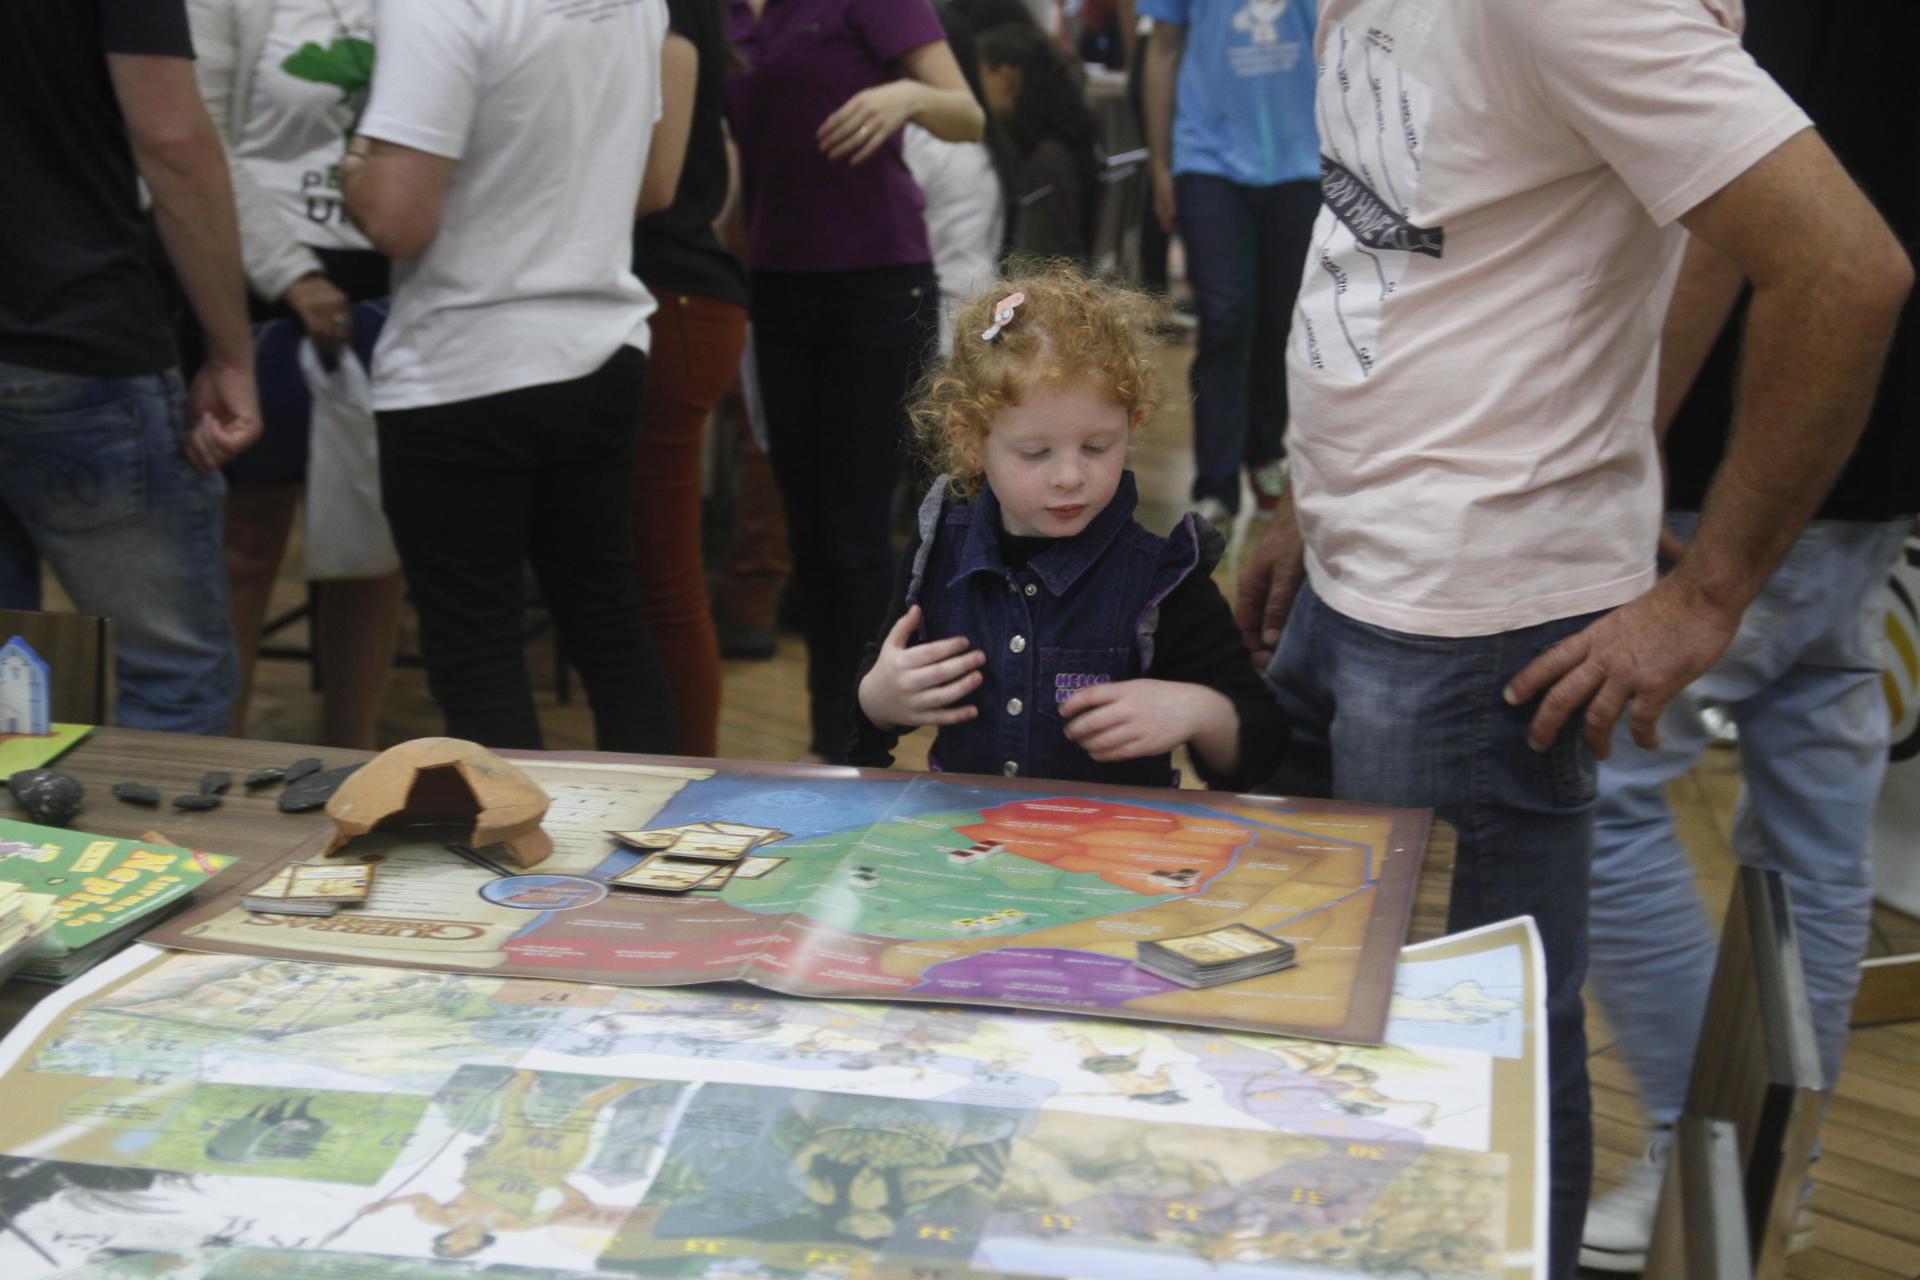 Foto colorida horizontal mostra uma criança olhando painéis e objetos dispostos em uma mesa